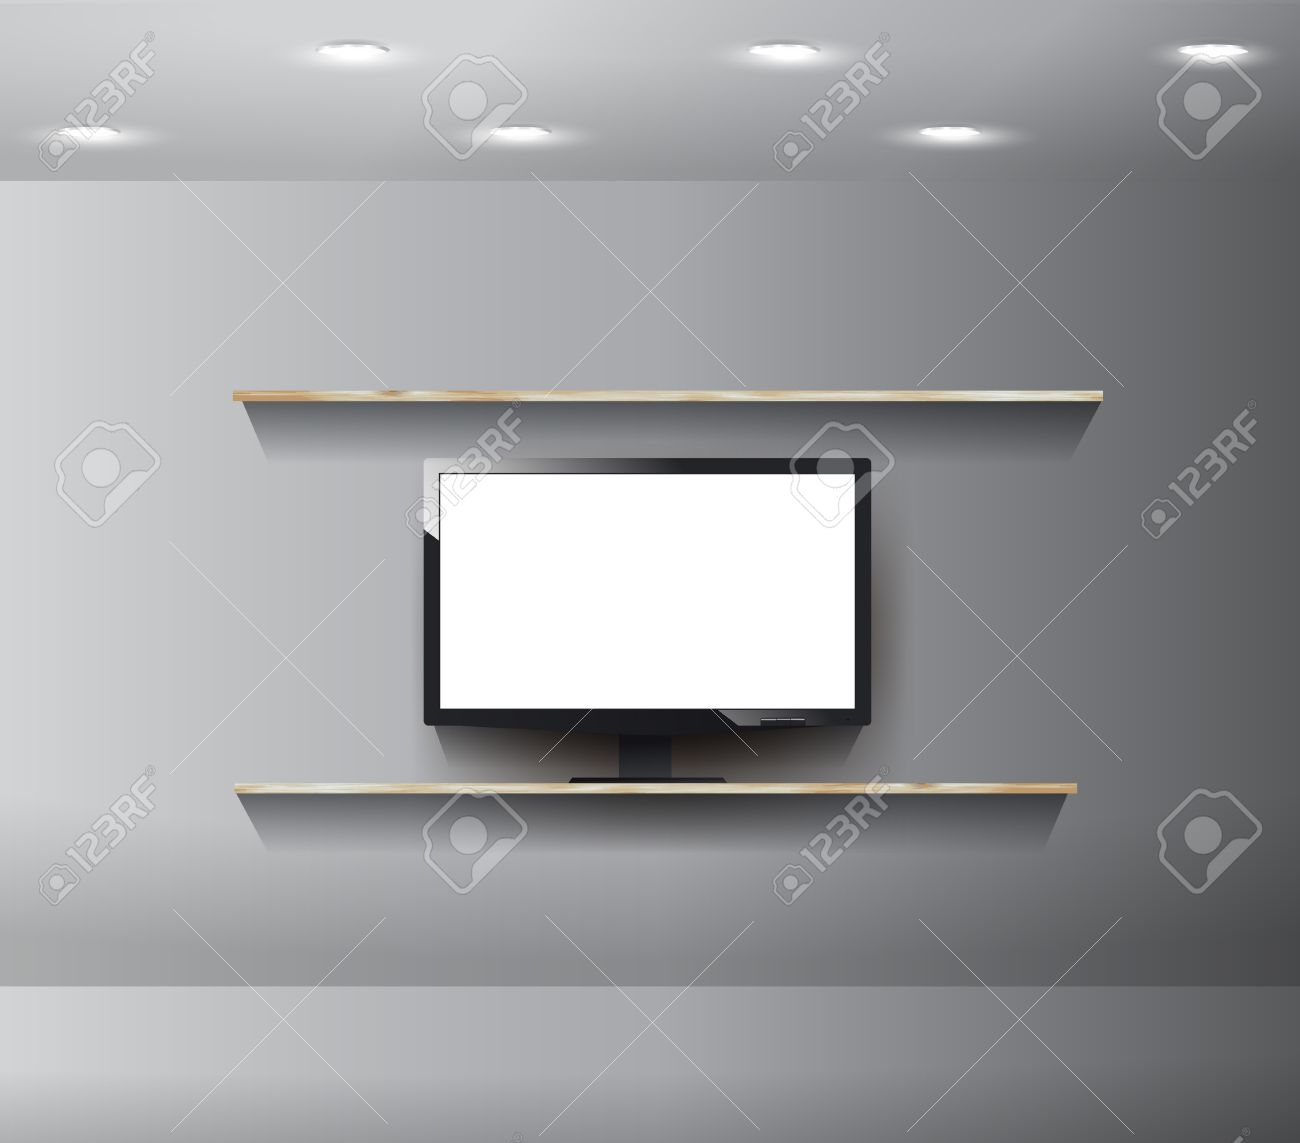 TV Sur Le Mur Dans La Salle Moderne, Avec Un Design étagère En Bois ...